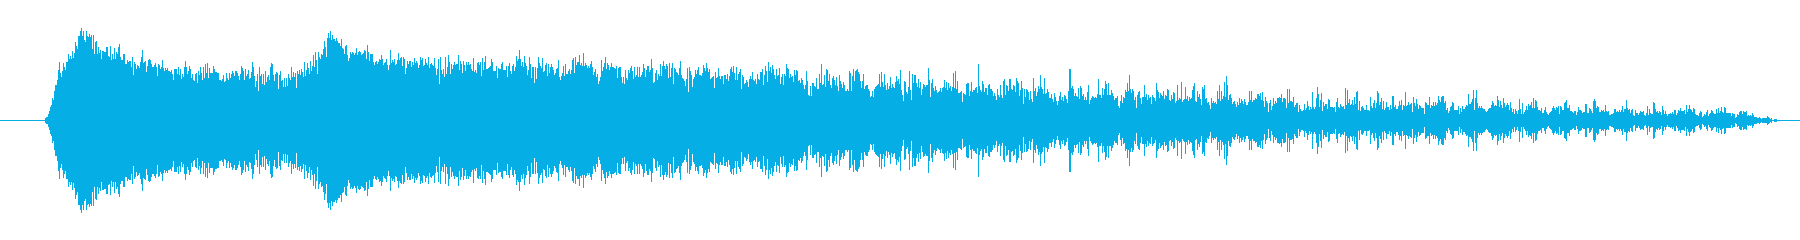 FX ショートスピニングファイア01の再生済みの波形